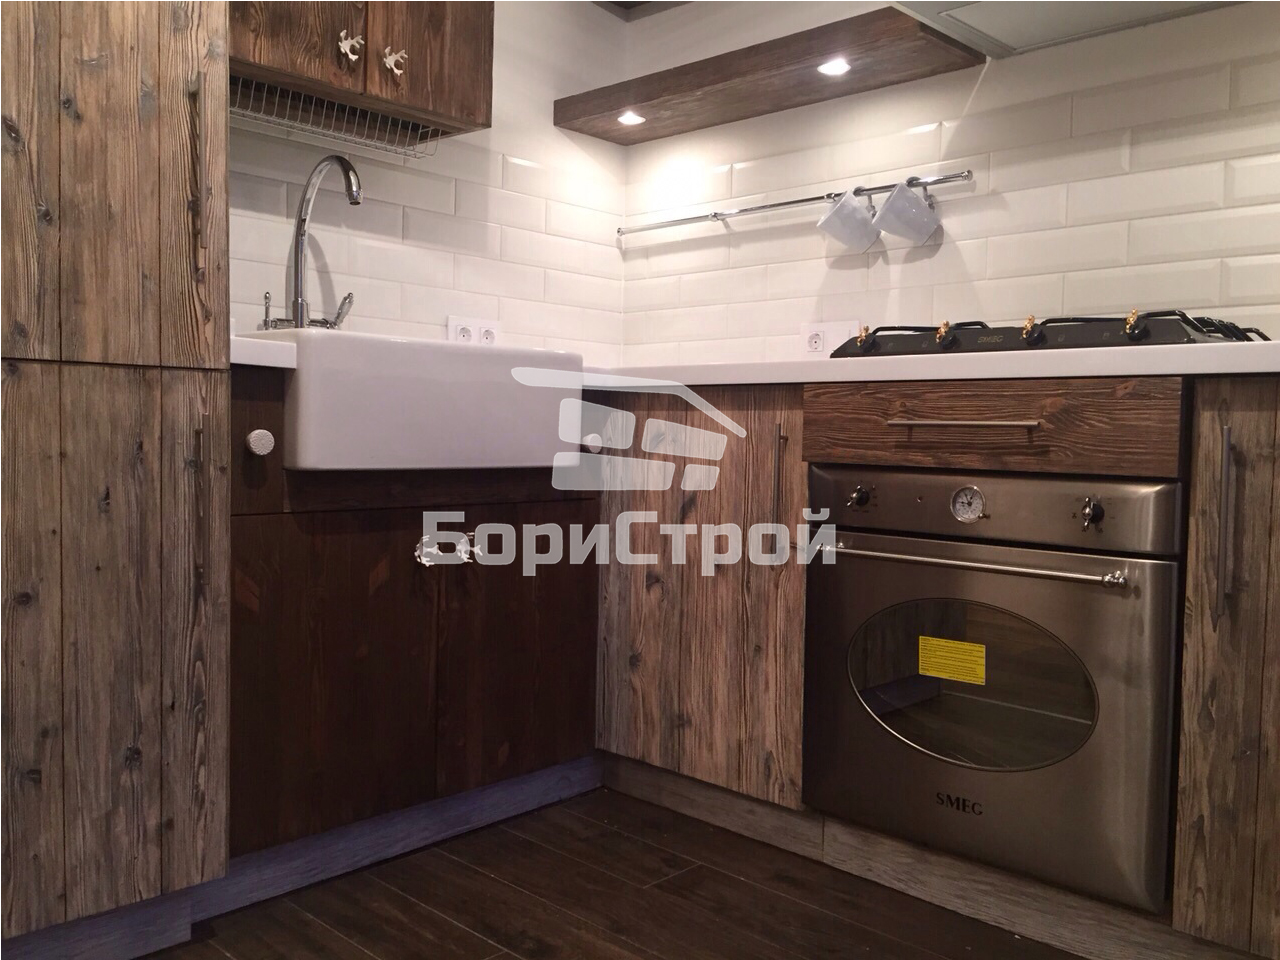 Капитальный ремонт квартиры в Борисове, Жодино, Минске